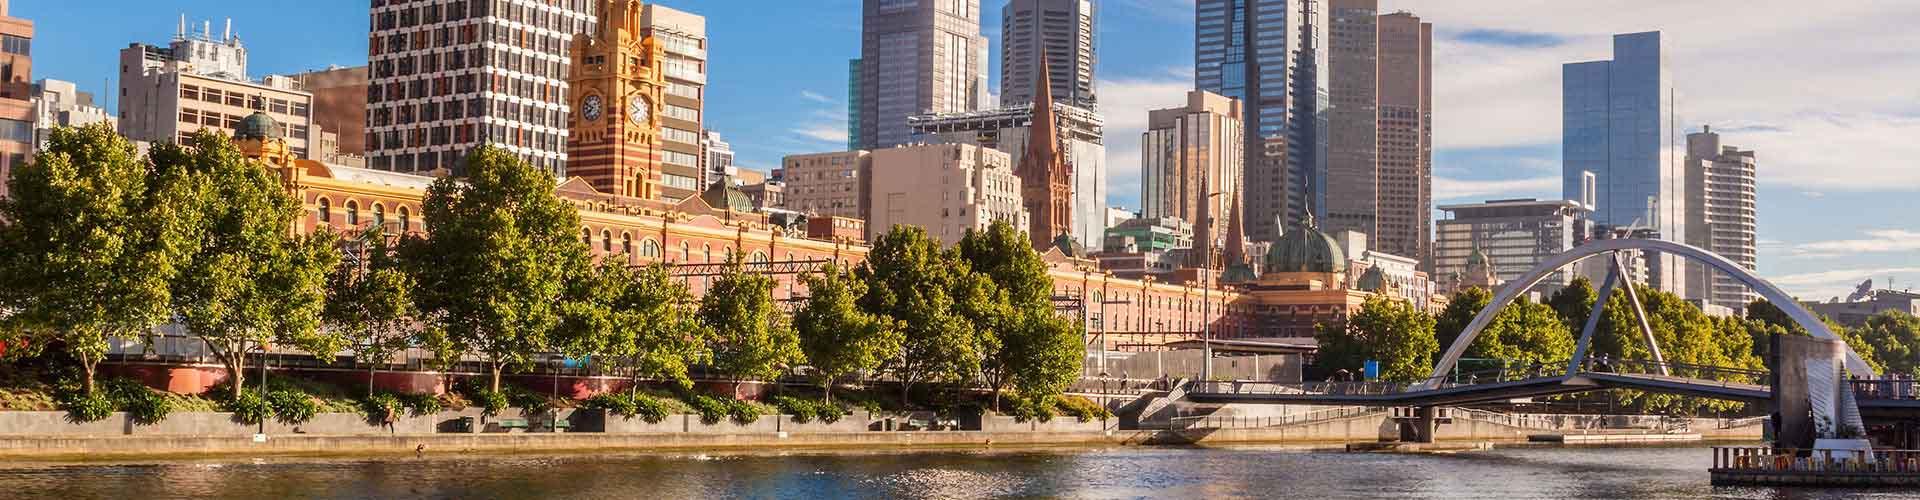 Melbourne - Ubytovny ve čtvrti  Melbourne. Mapy pro Melbourne, fotky a recenze pro každou ubytovnu - Melbourne.